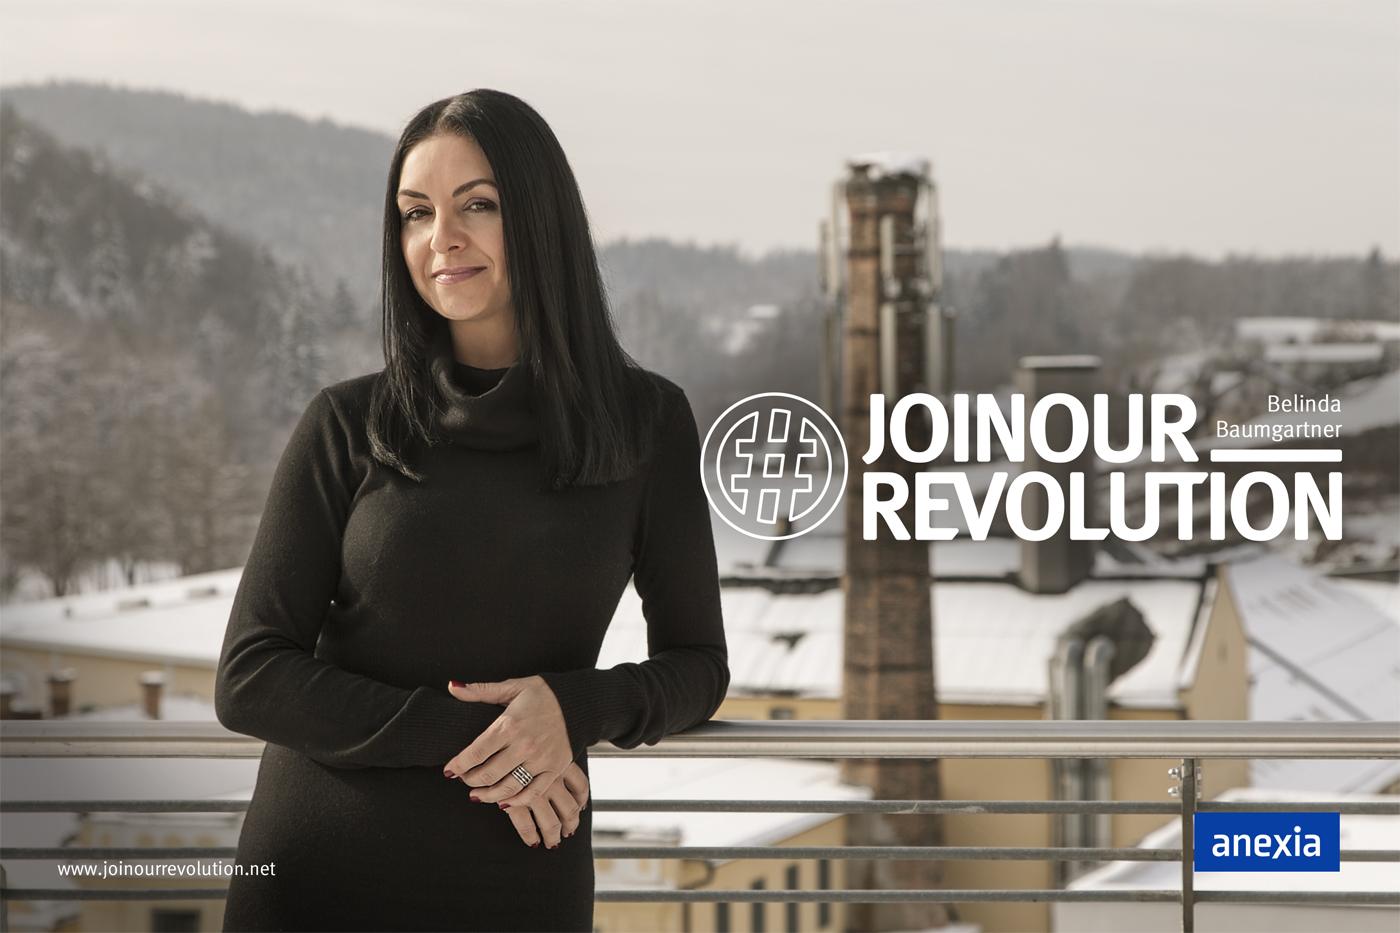 joinourrevolution